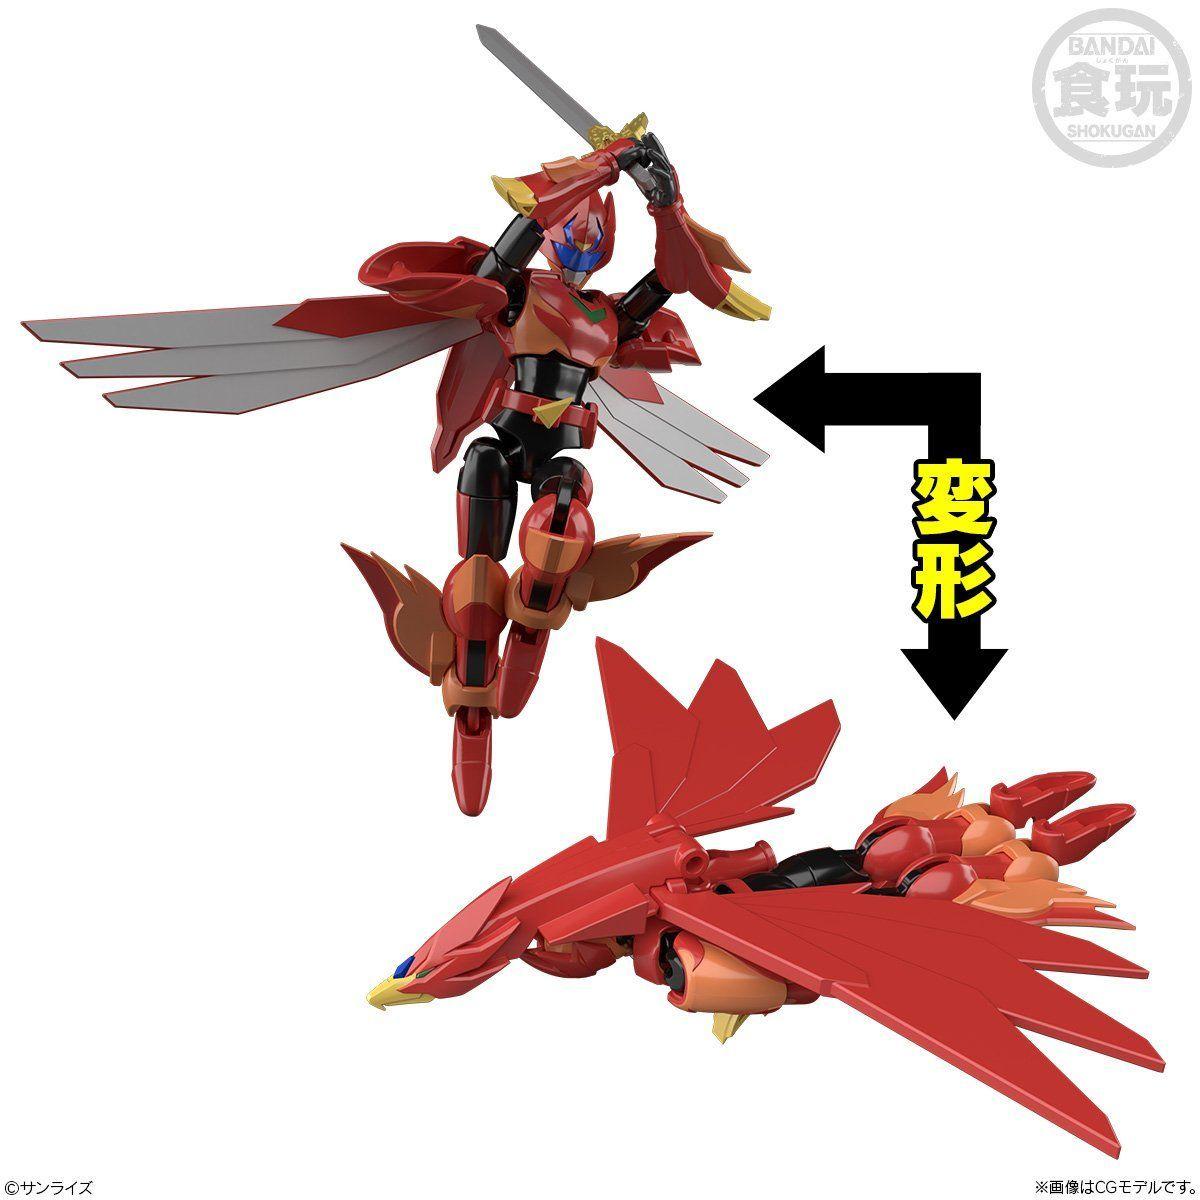 【食玩】スーパーミニプラ『勇者指令ダグオン2』勇者指令ダグオン 3個入りBOX-005